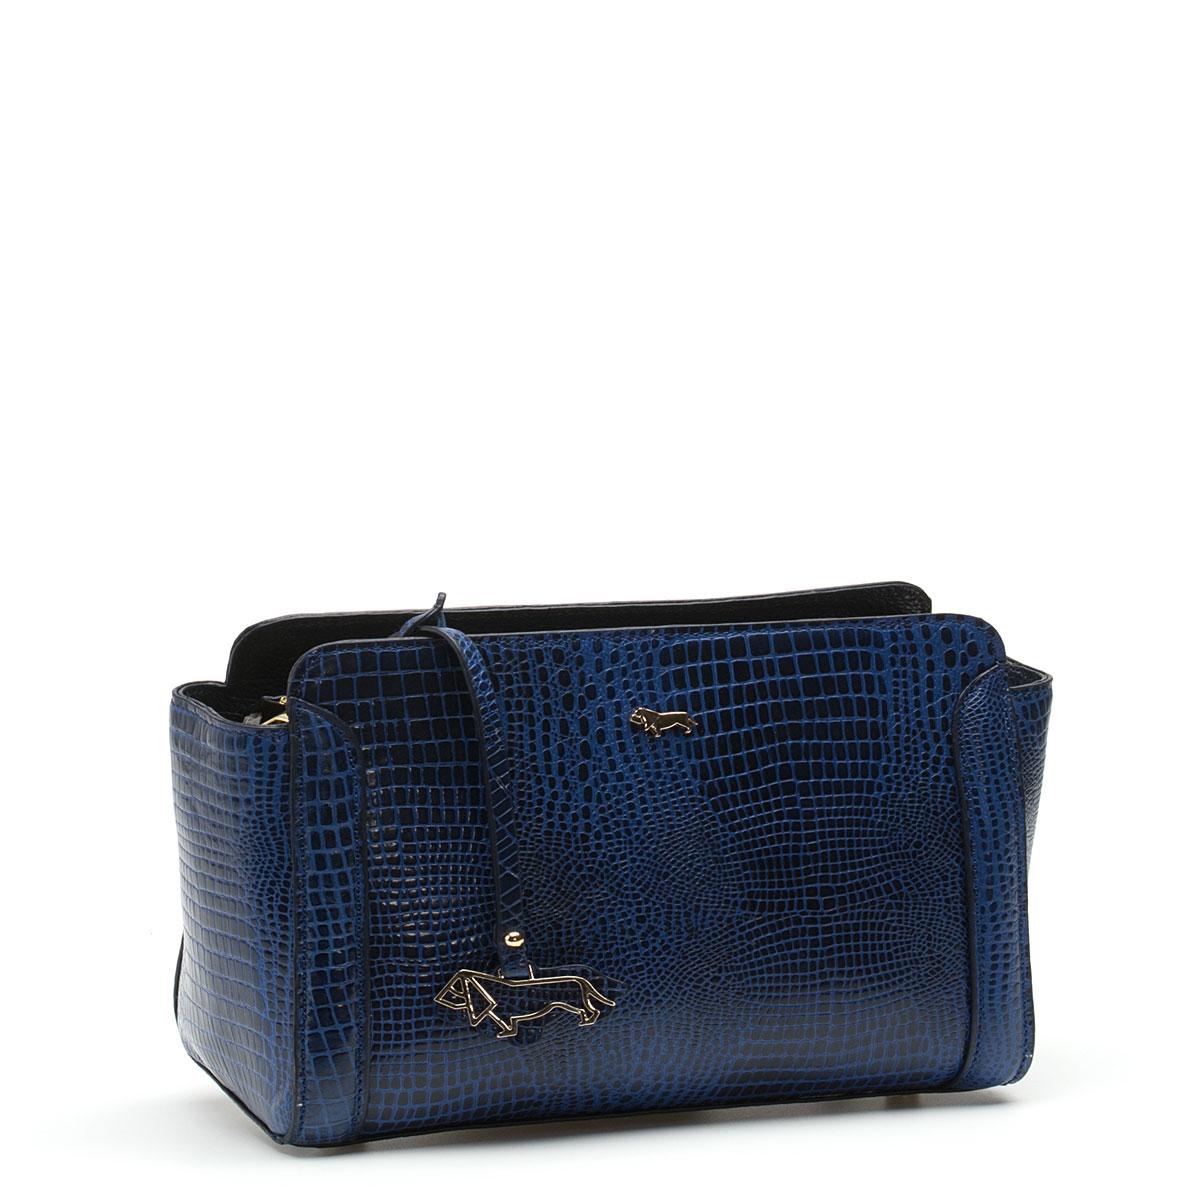 Сумка кросс-боди женская Labbra, цвет: синий. L-SD1033L-SD1033Женская сумка торговой марки LABBRA из натуральной кожи. Модель закрывается на металлическую молнию. Внутри - два отделения, разделенные средником на молнии, в одном имеется карман на молнии, в другом - карман для мобильного телефона и открытый карман. Сумка имеет ножки на дне, а так же карман на задней стенке. Длина наплечного ремня - 120 см.